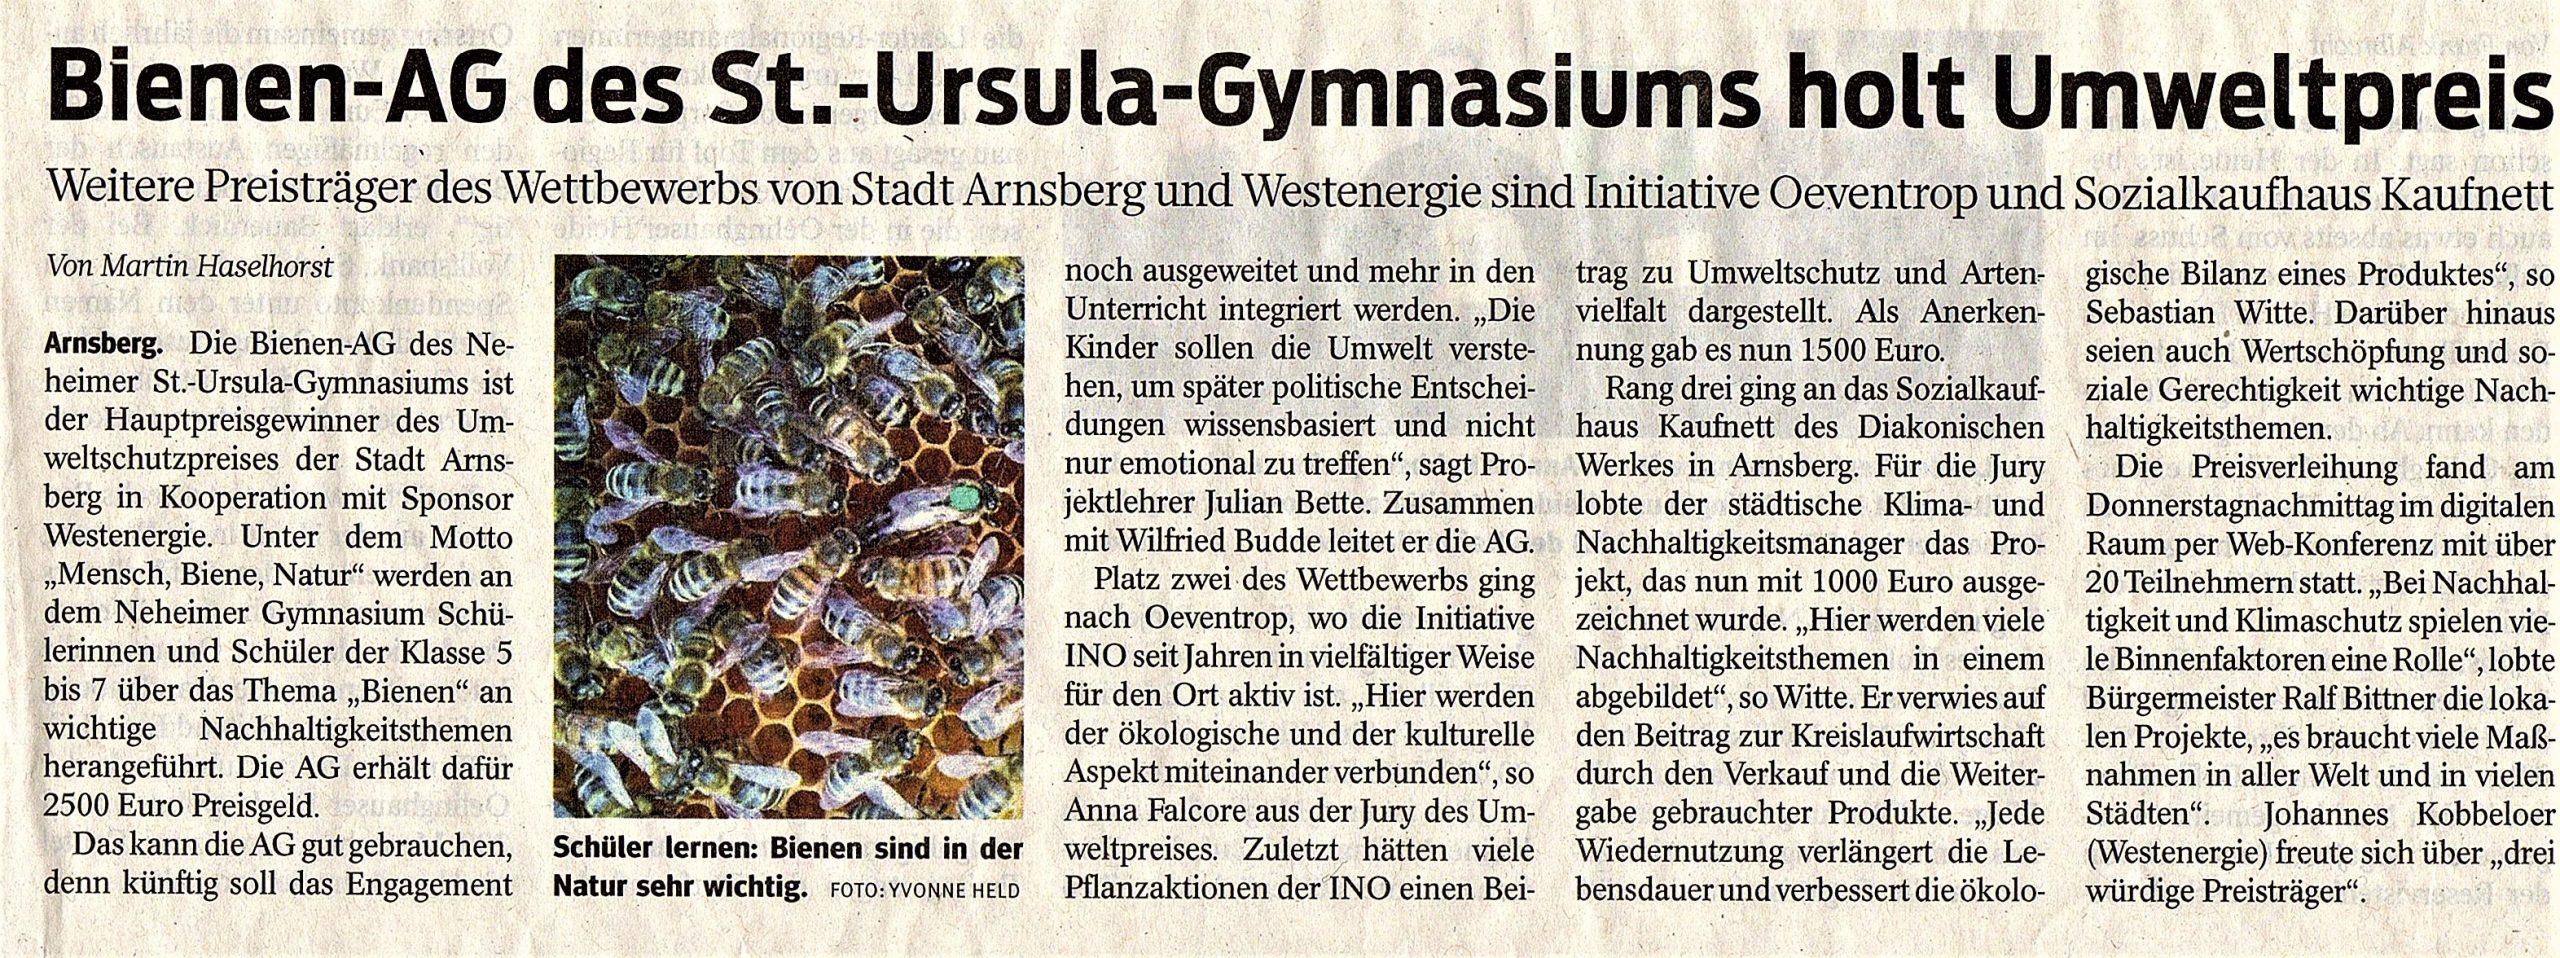 Zeitungsartikel zum Innovationspreis